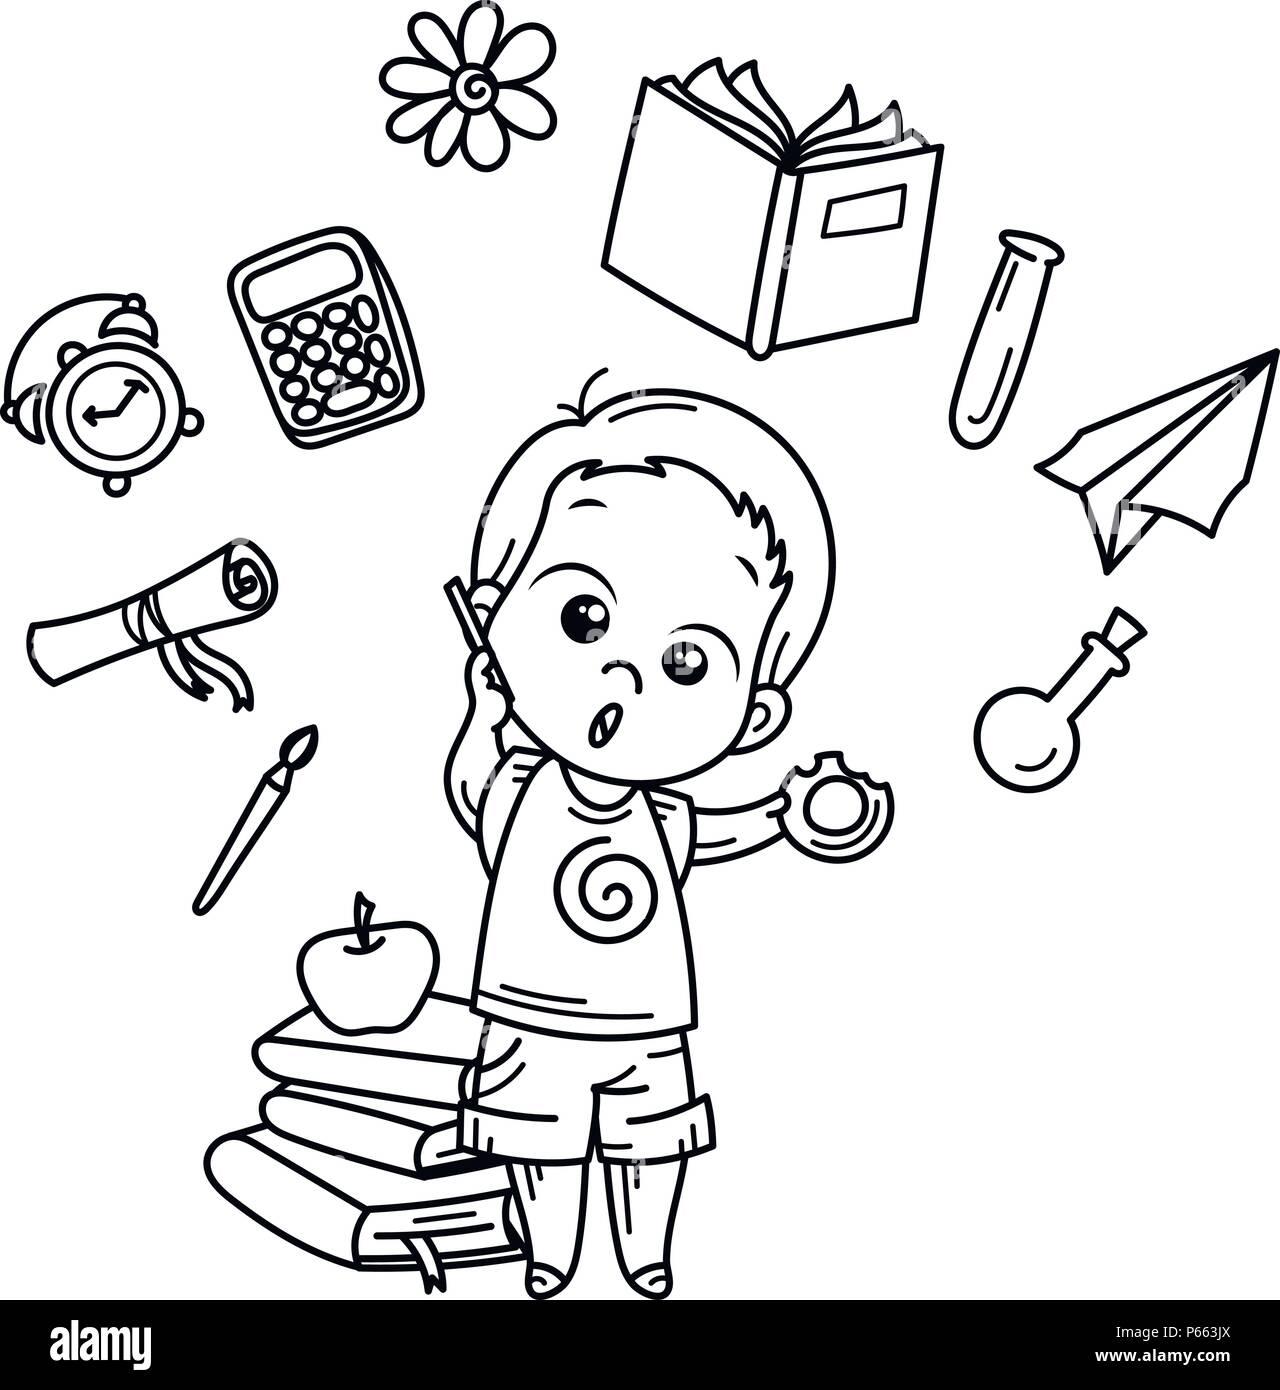 Großzügig Bücher Färbung Seite Zeitgenössisch - Malvorlagen-Ideen ...